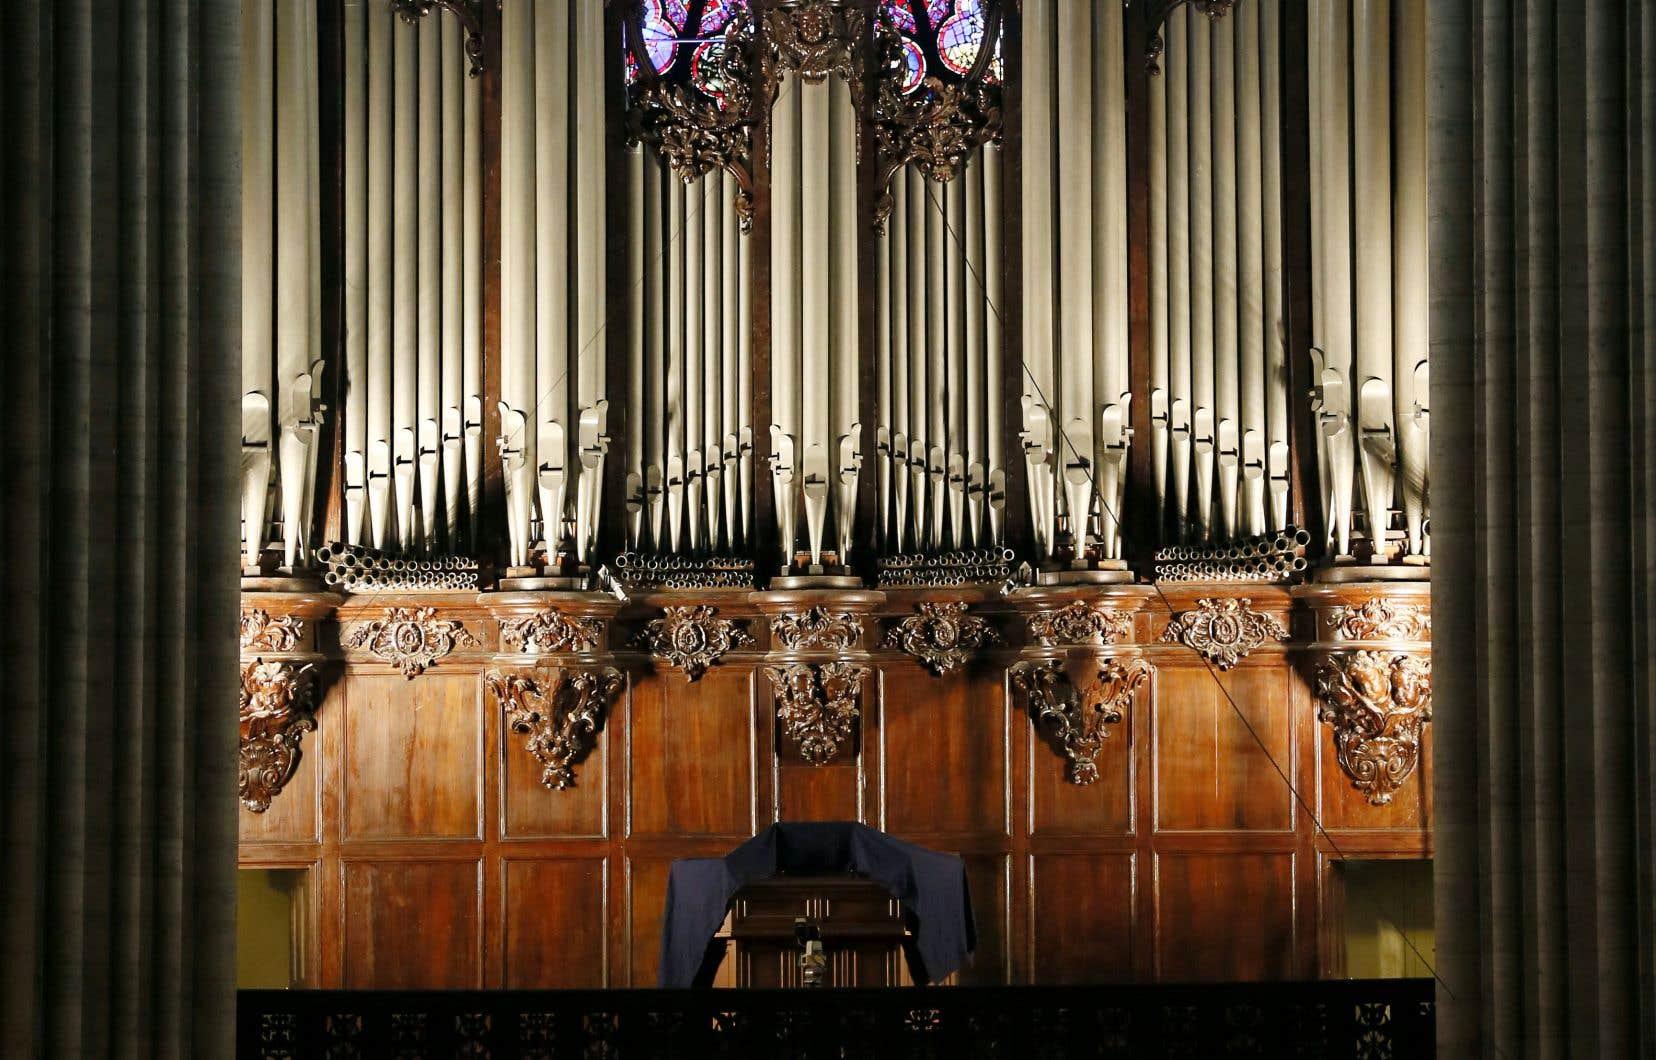 L'histoire du plus grand orgue de France a toujours épousé celle de l'édifice qui l'abrite. Pour le meilleur et pour le pire.